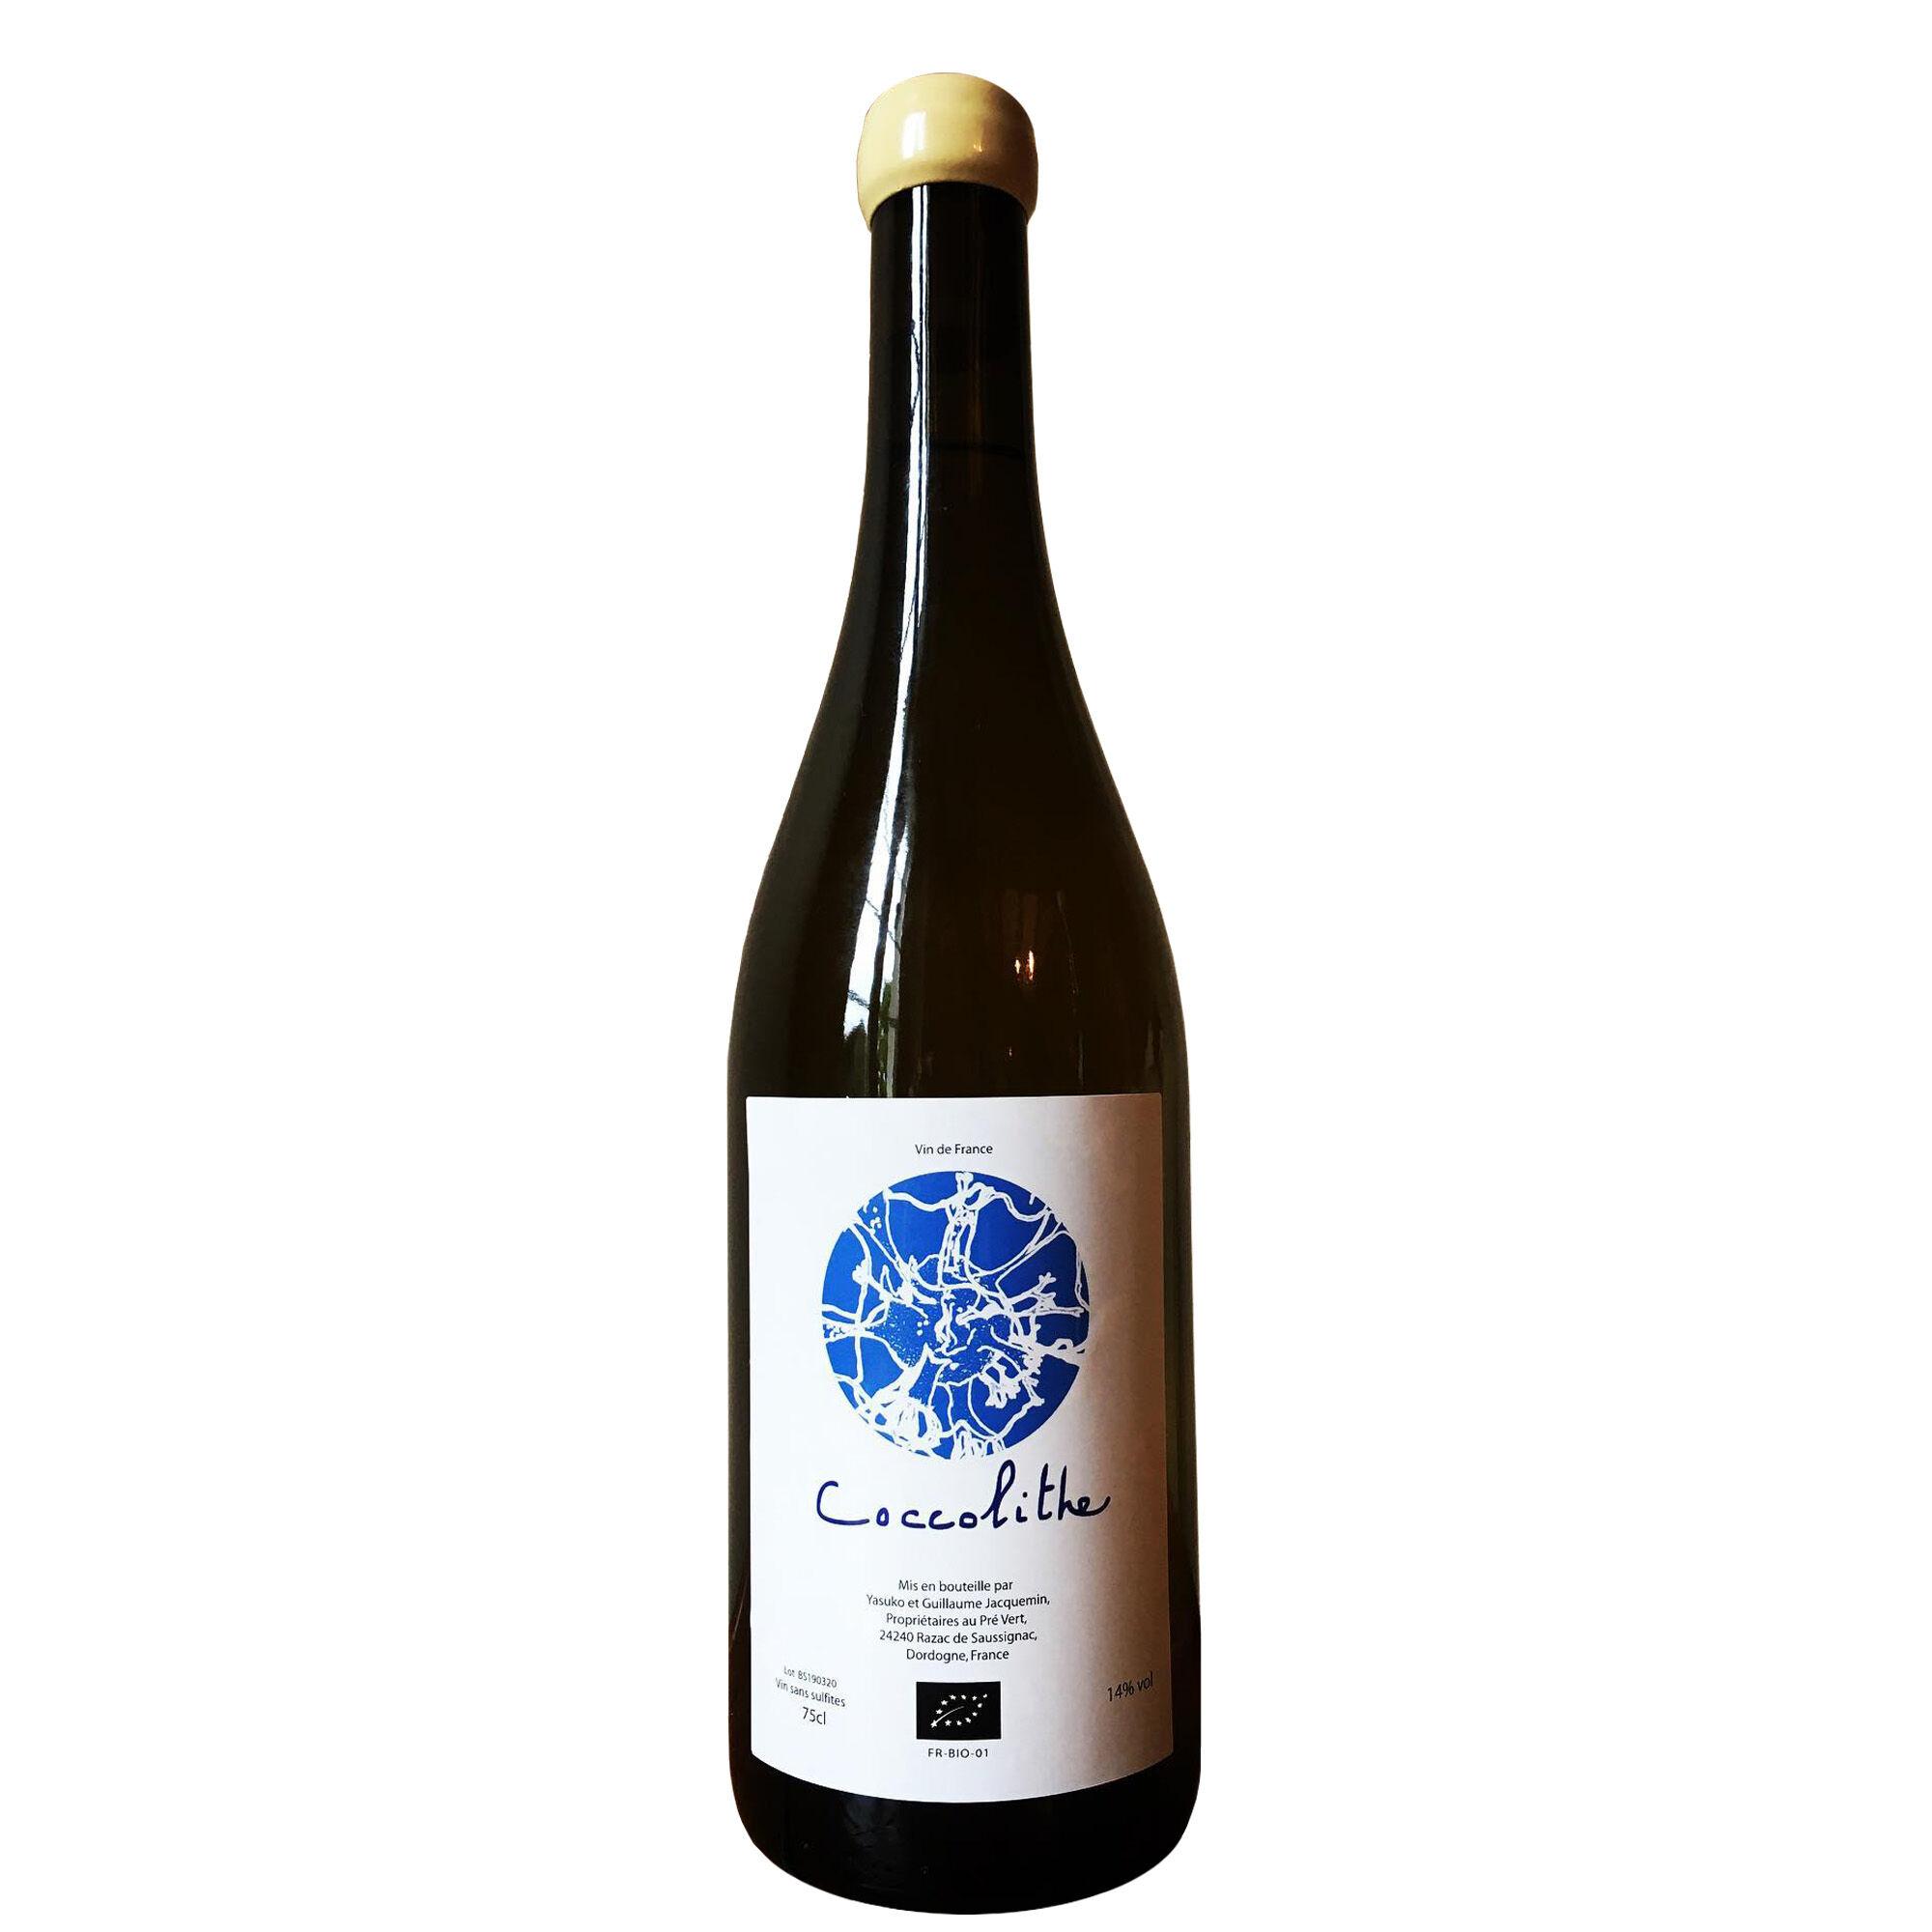 Le Pré Vert Vin De France Coccolithe